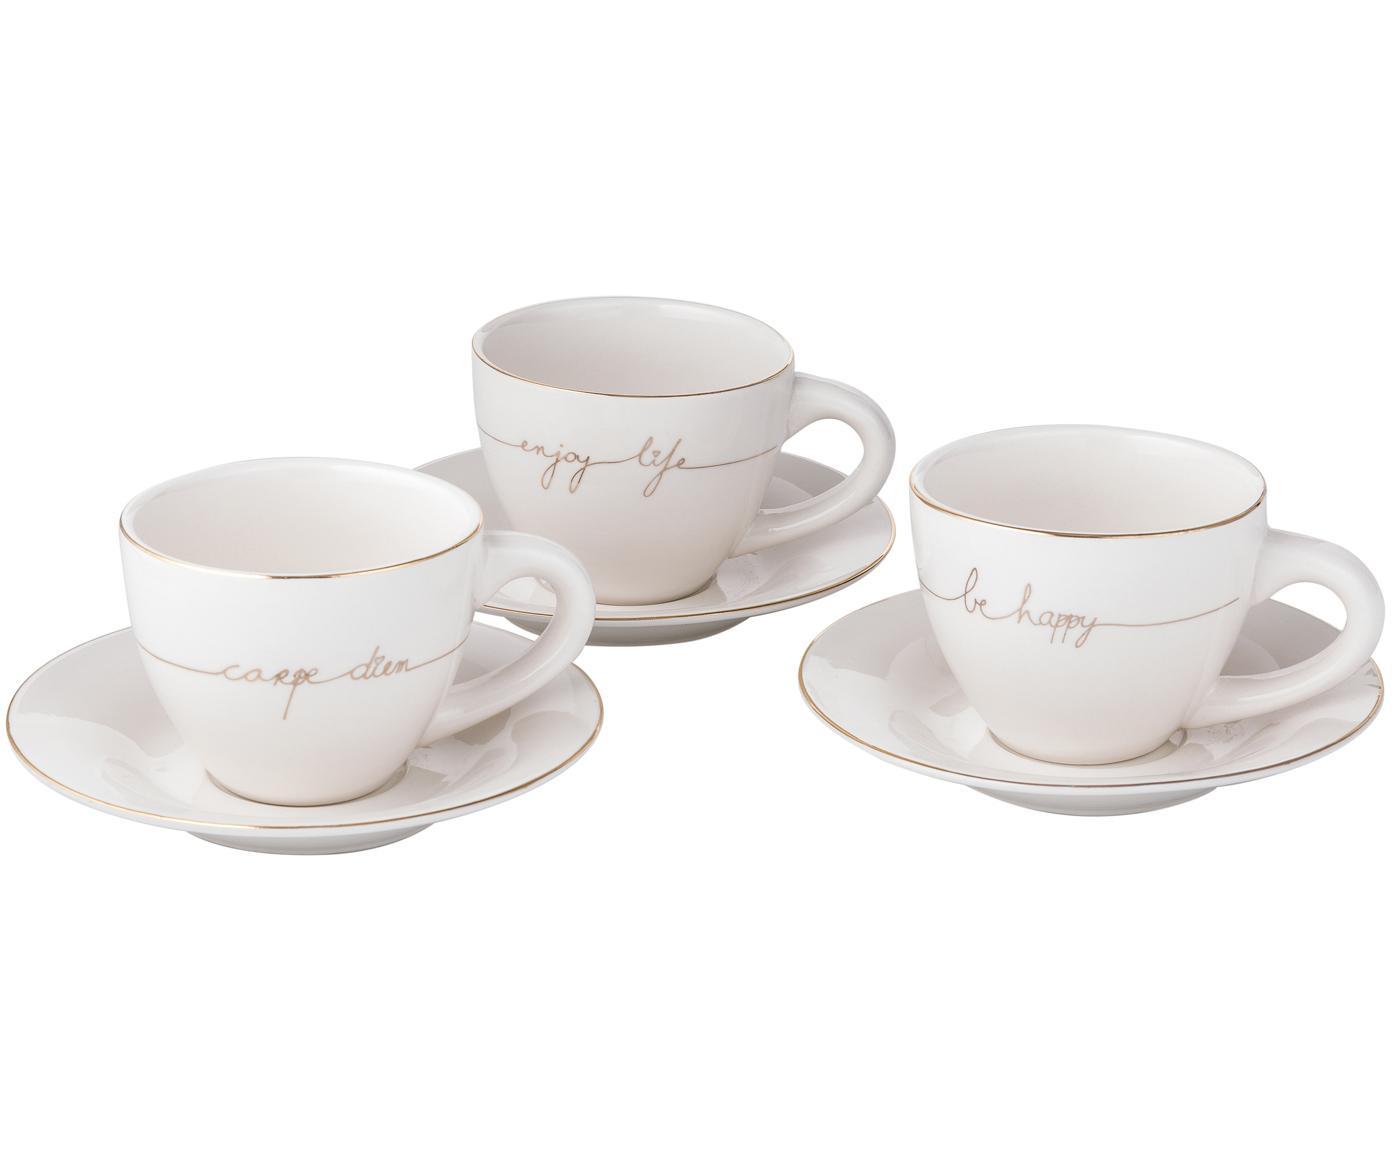 Komplet filiżanek Happy, 6 elem., Porcelana, Biały, odcienie złotego, Ø 15 x W 8 cm